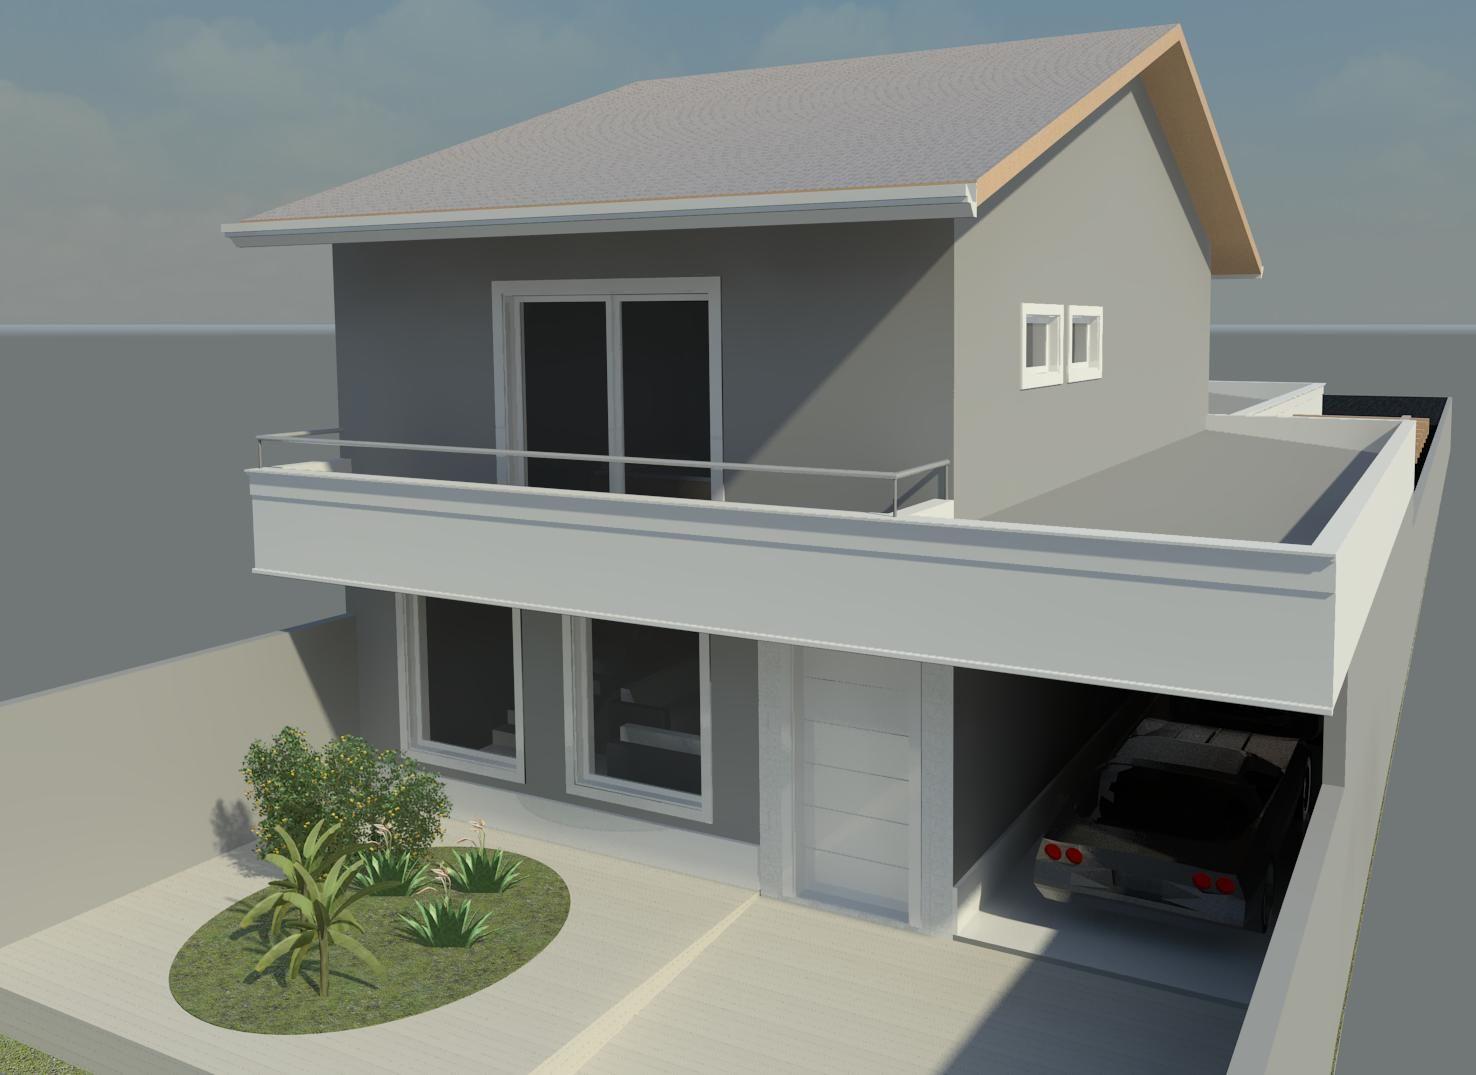 Casa cinza fachada pesquisa google pintura casa - Pintura exterior fachada ...